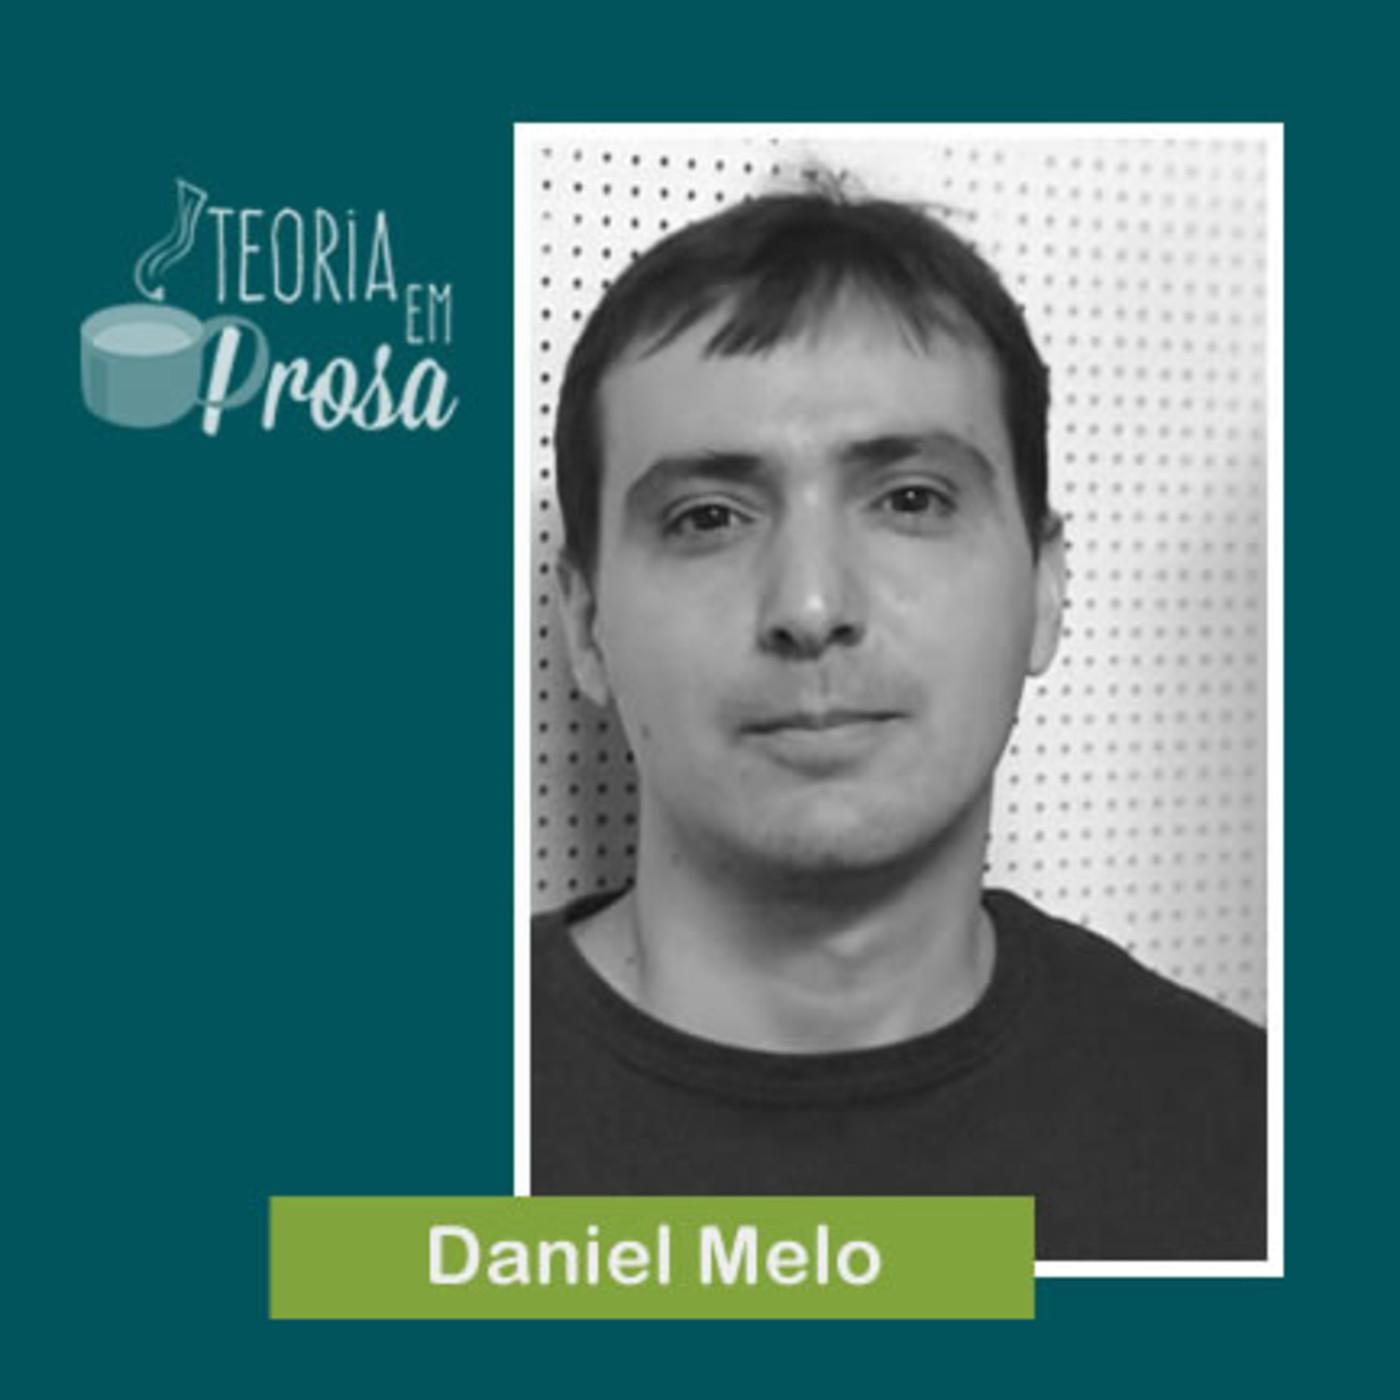 #13 Teoria em Prosa - Daniel Melo